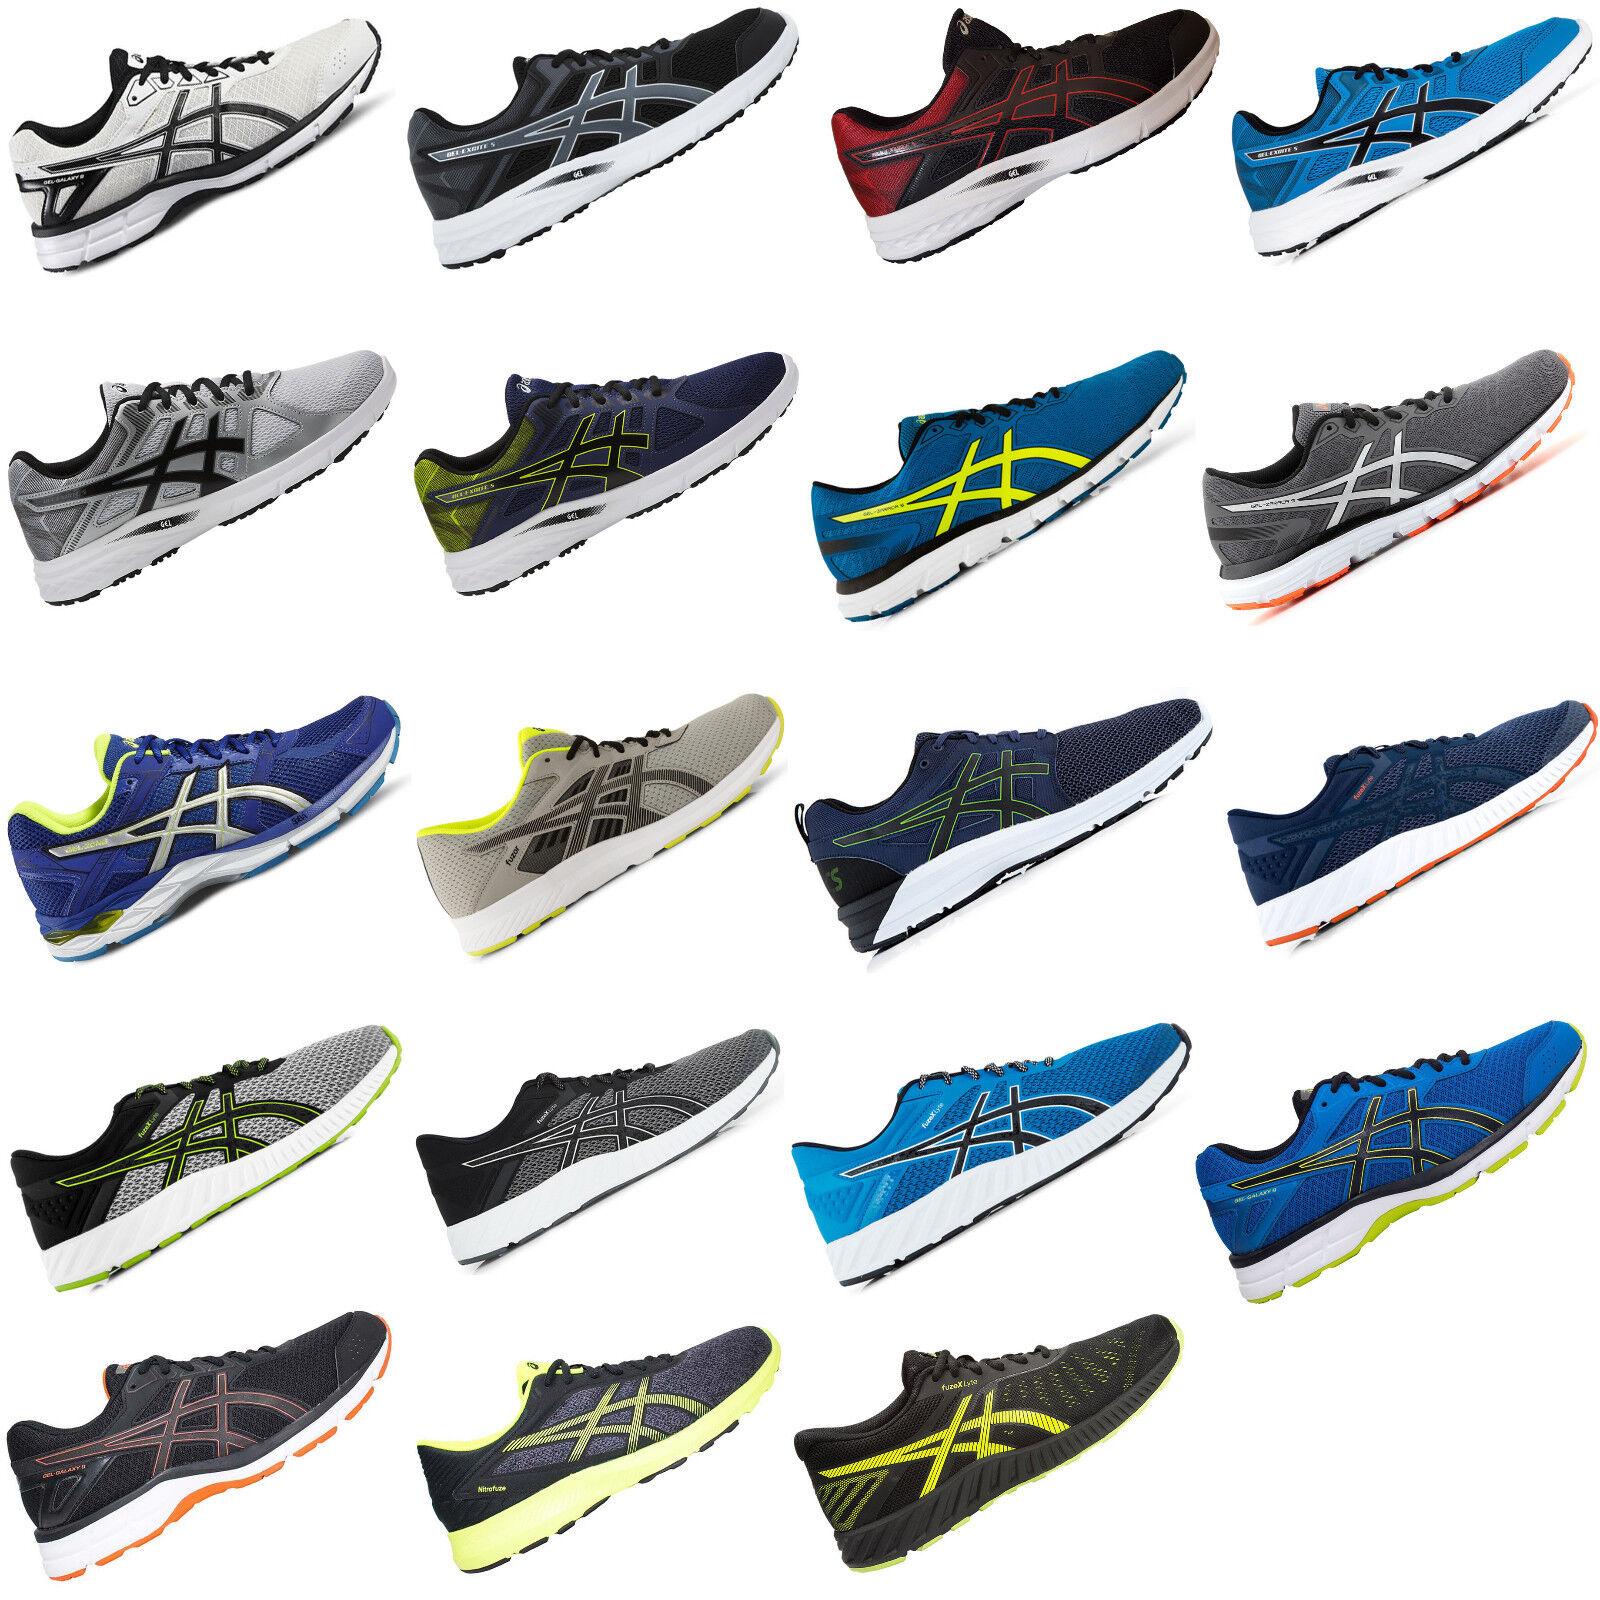 ASICS Pour des hommes Sport FonctionneHommest Training en marchant chaussures US Taille